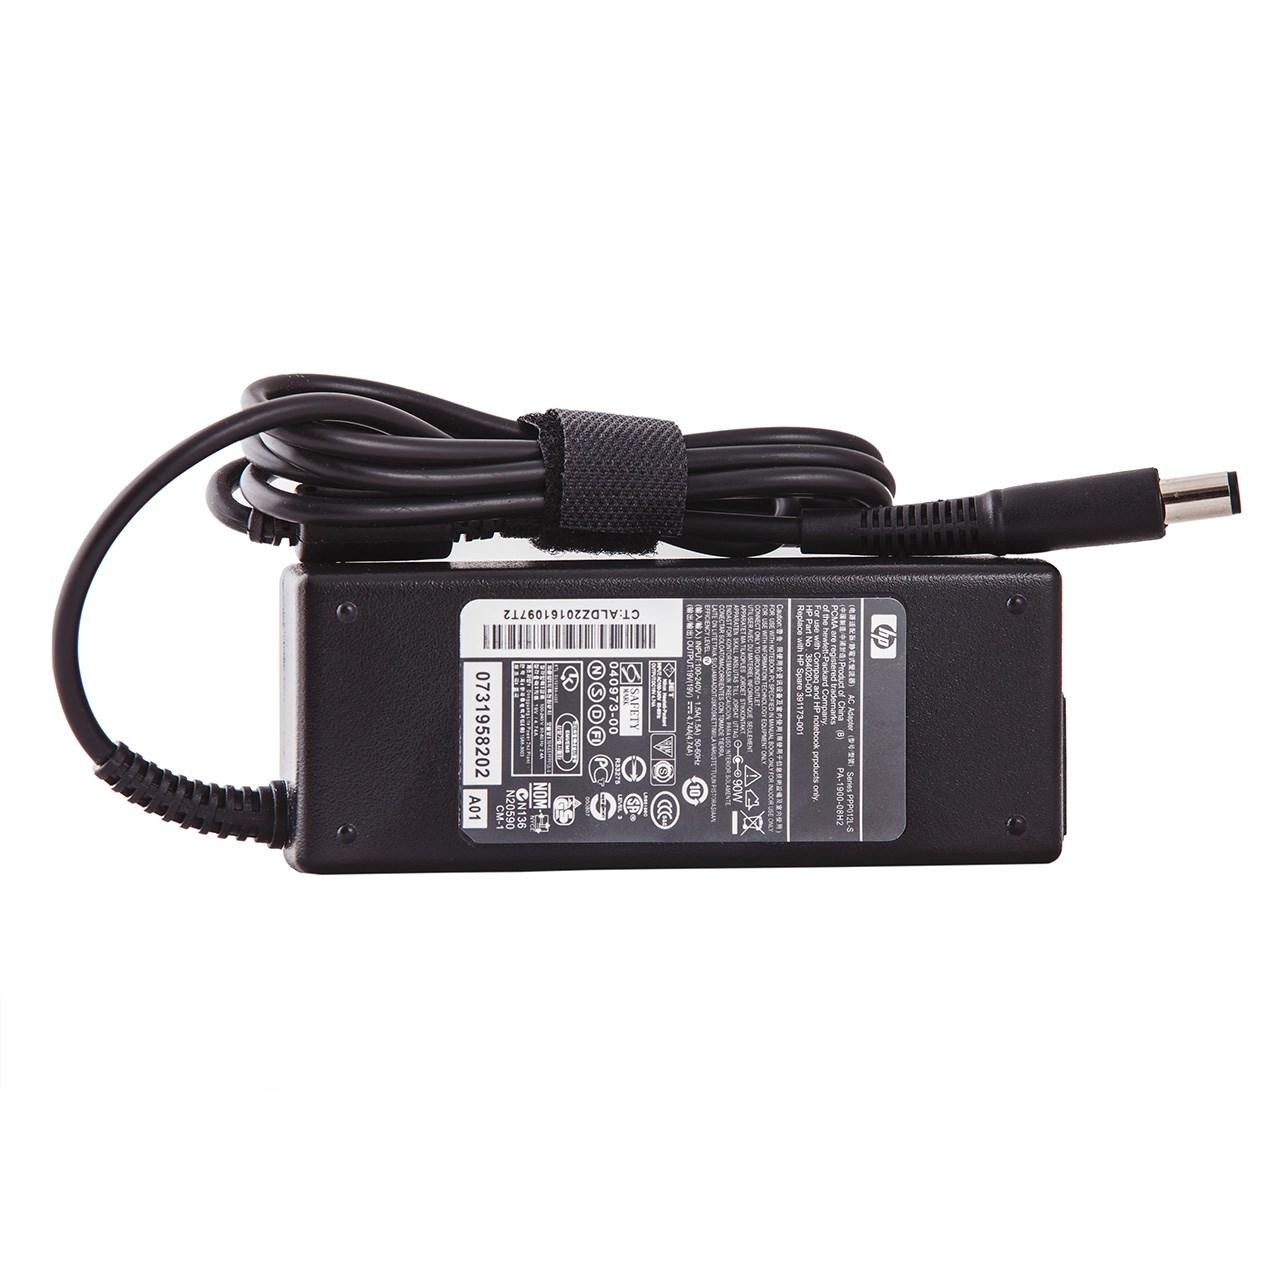 شارژر لپ تاپ 19 ولت 4.74 آمپر مگاسل مدل PA-1900- 08H2